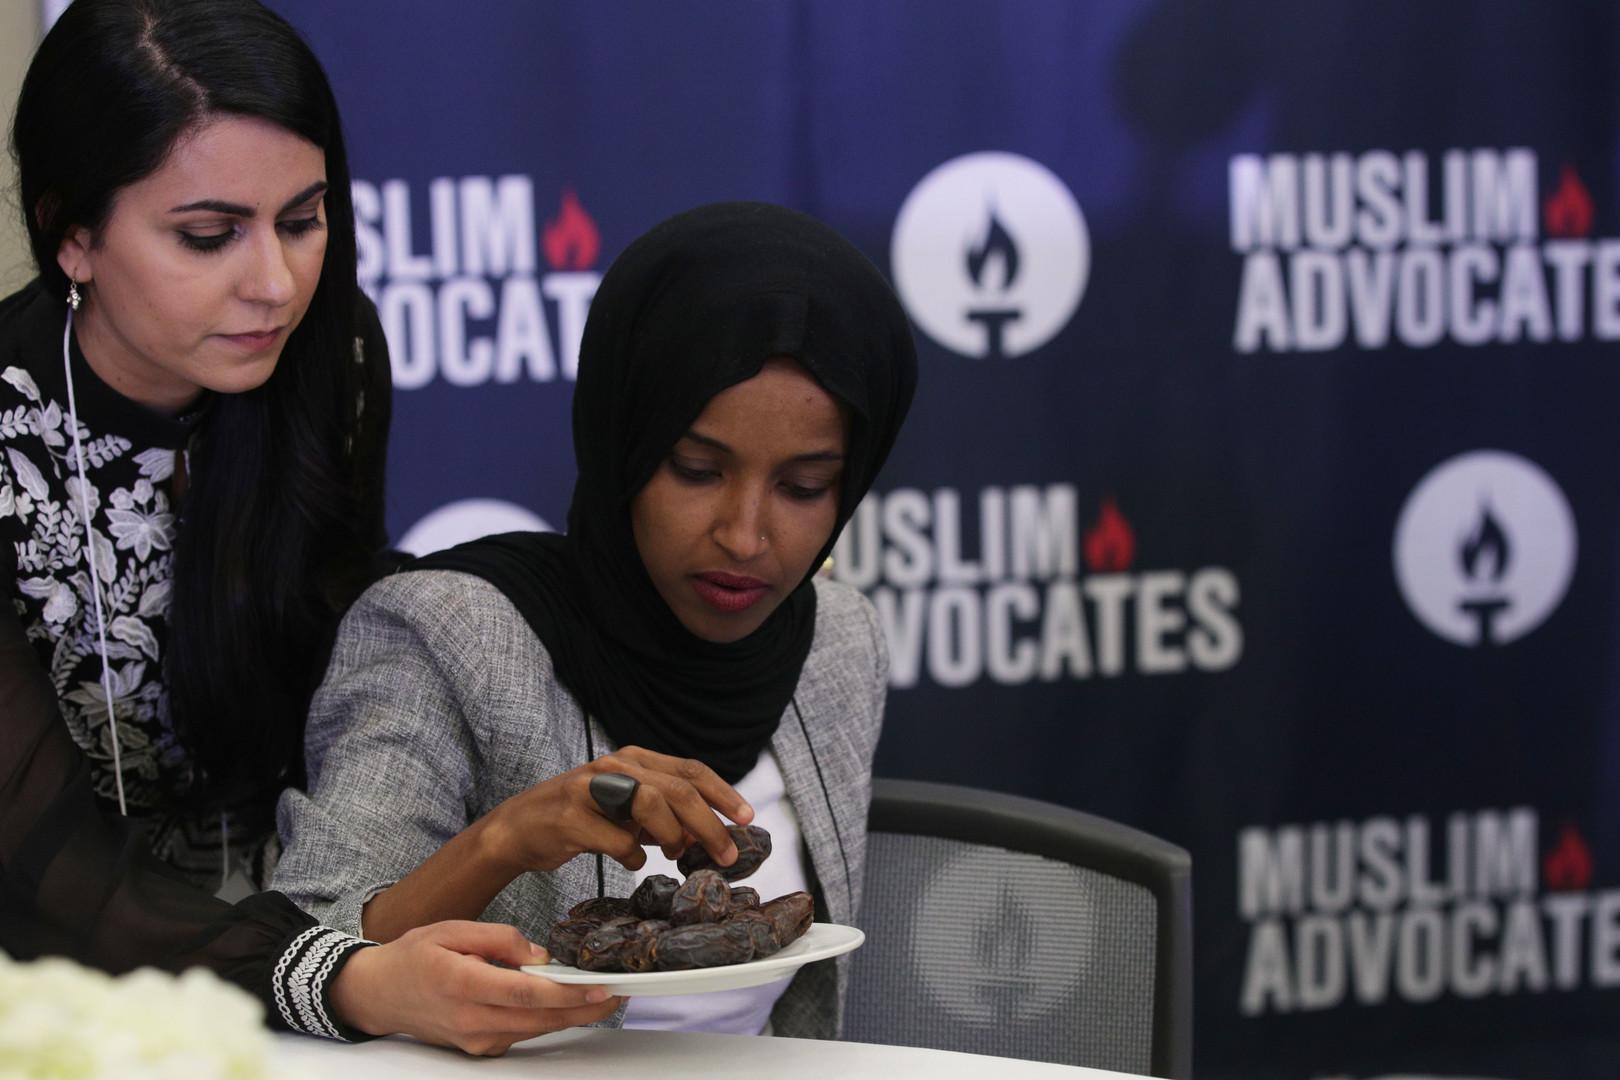 فعالية هي الأولى من نوعها.. مأدبة إفطار رمضانية في الكونغرس الأمريكي (صور)